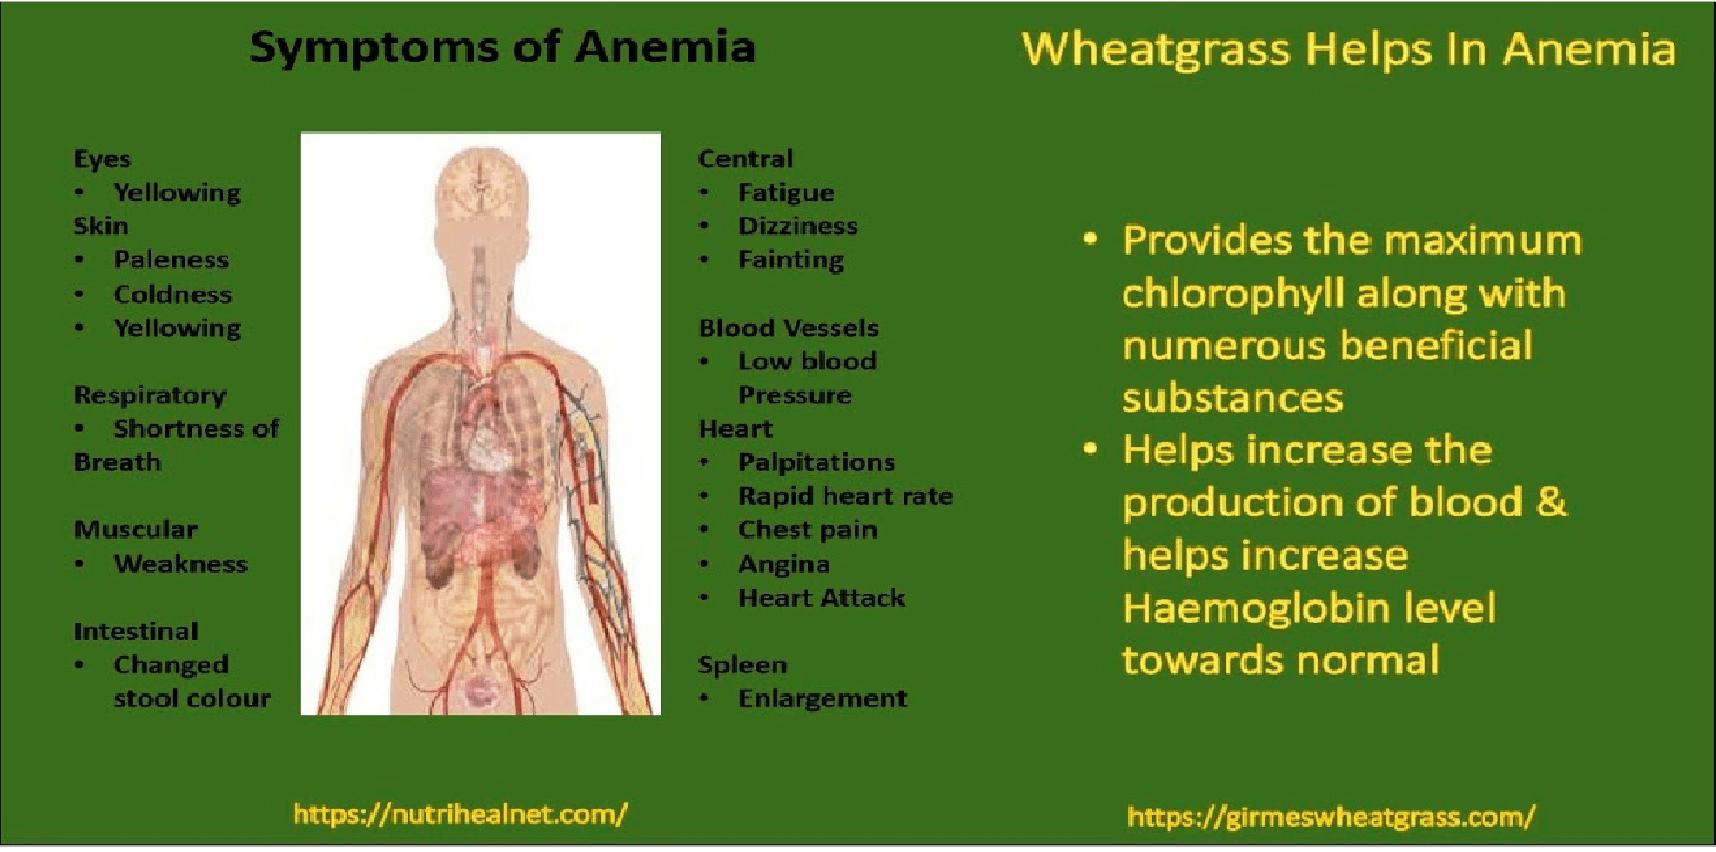 Wheatgrass Powder for Anemia